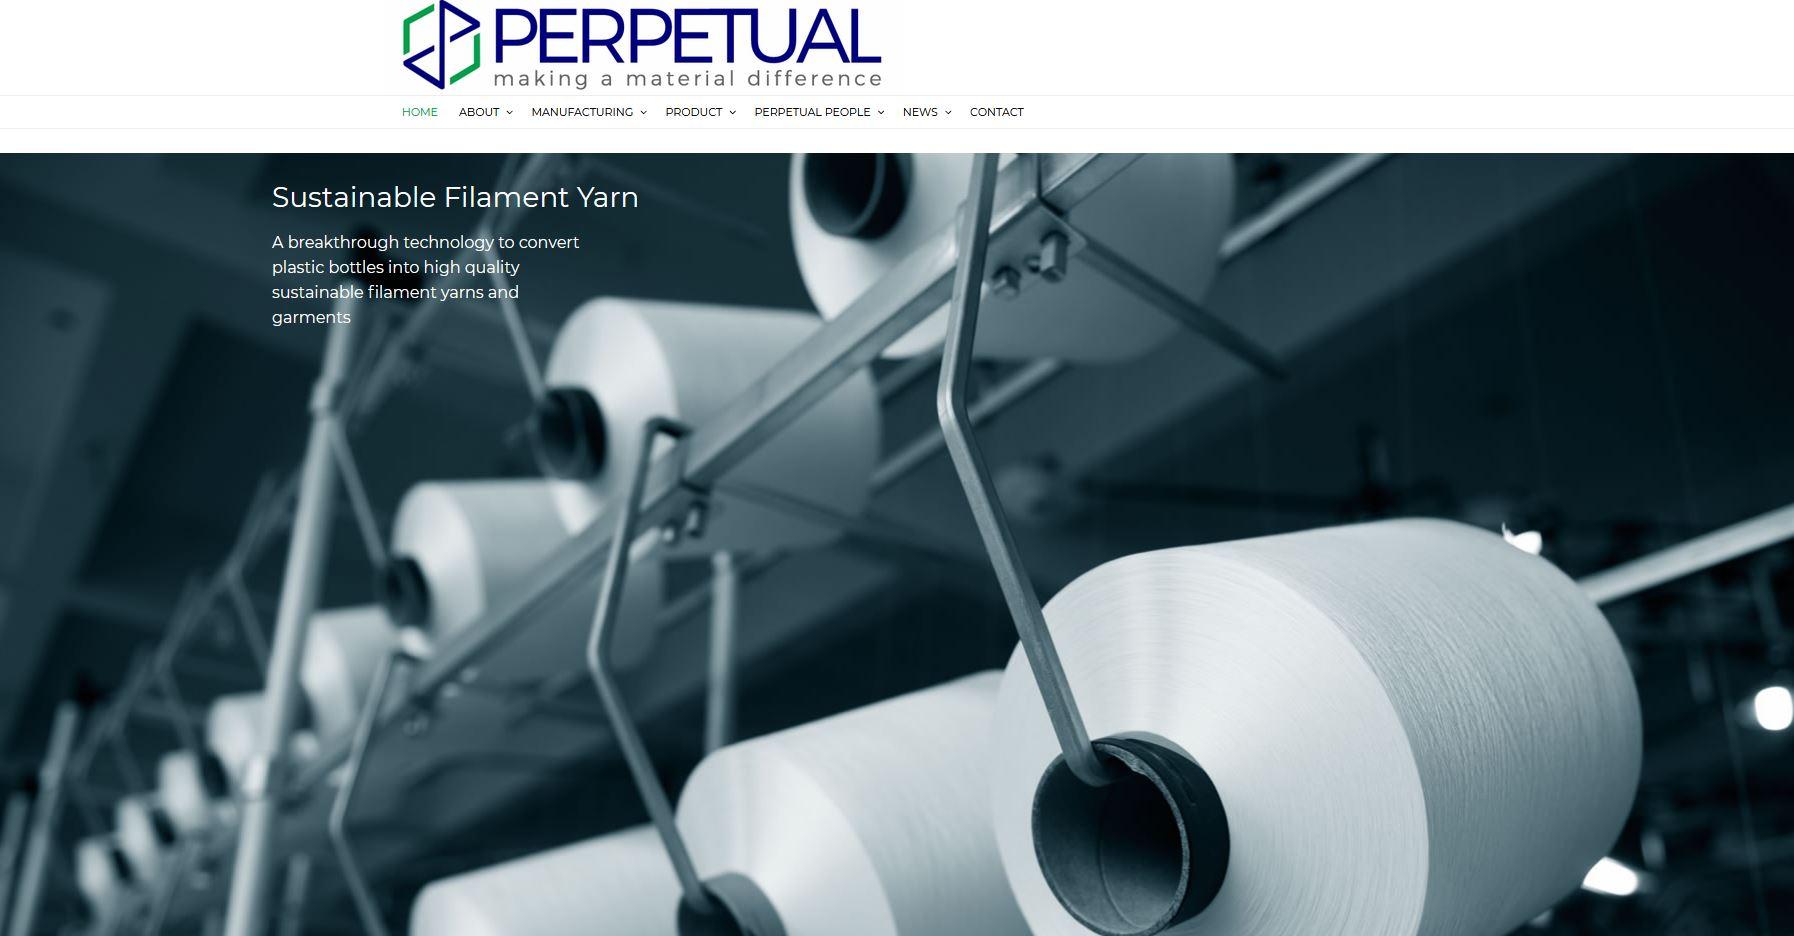 Perpetual Global